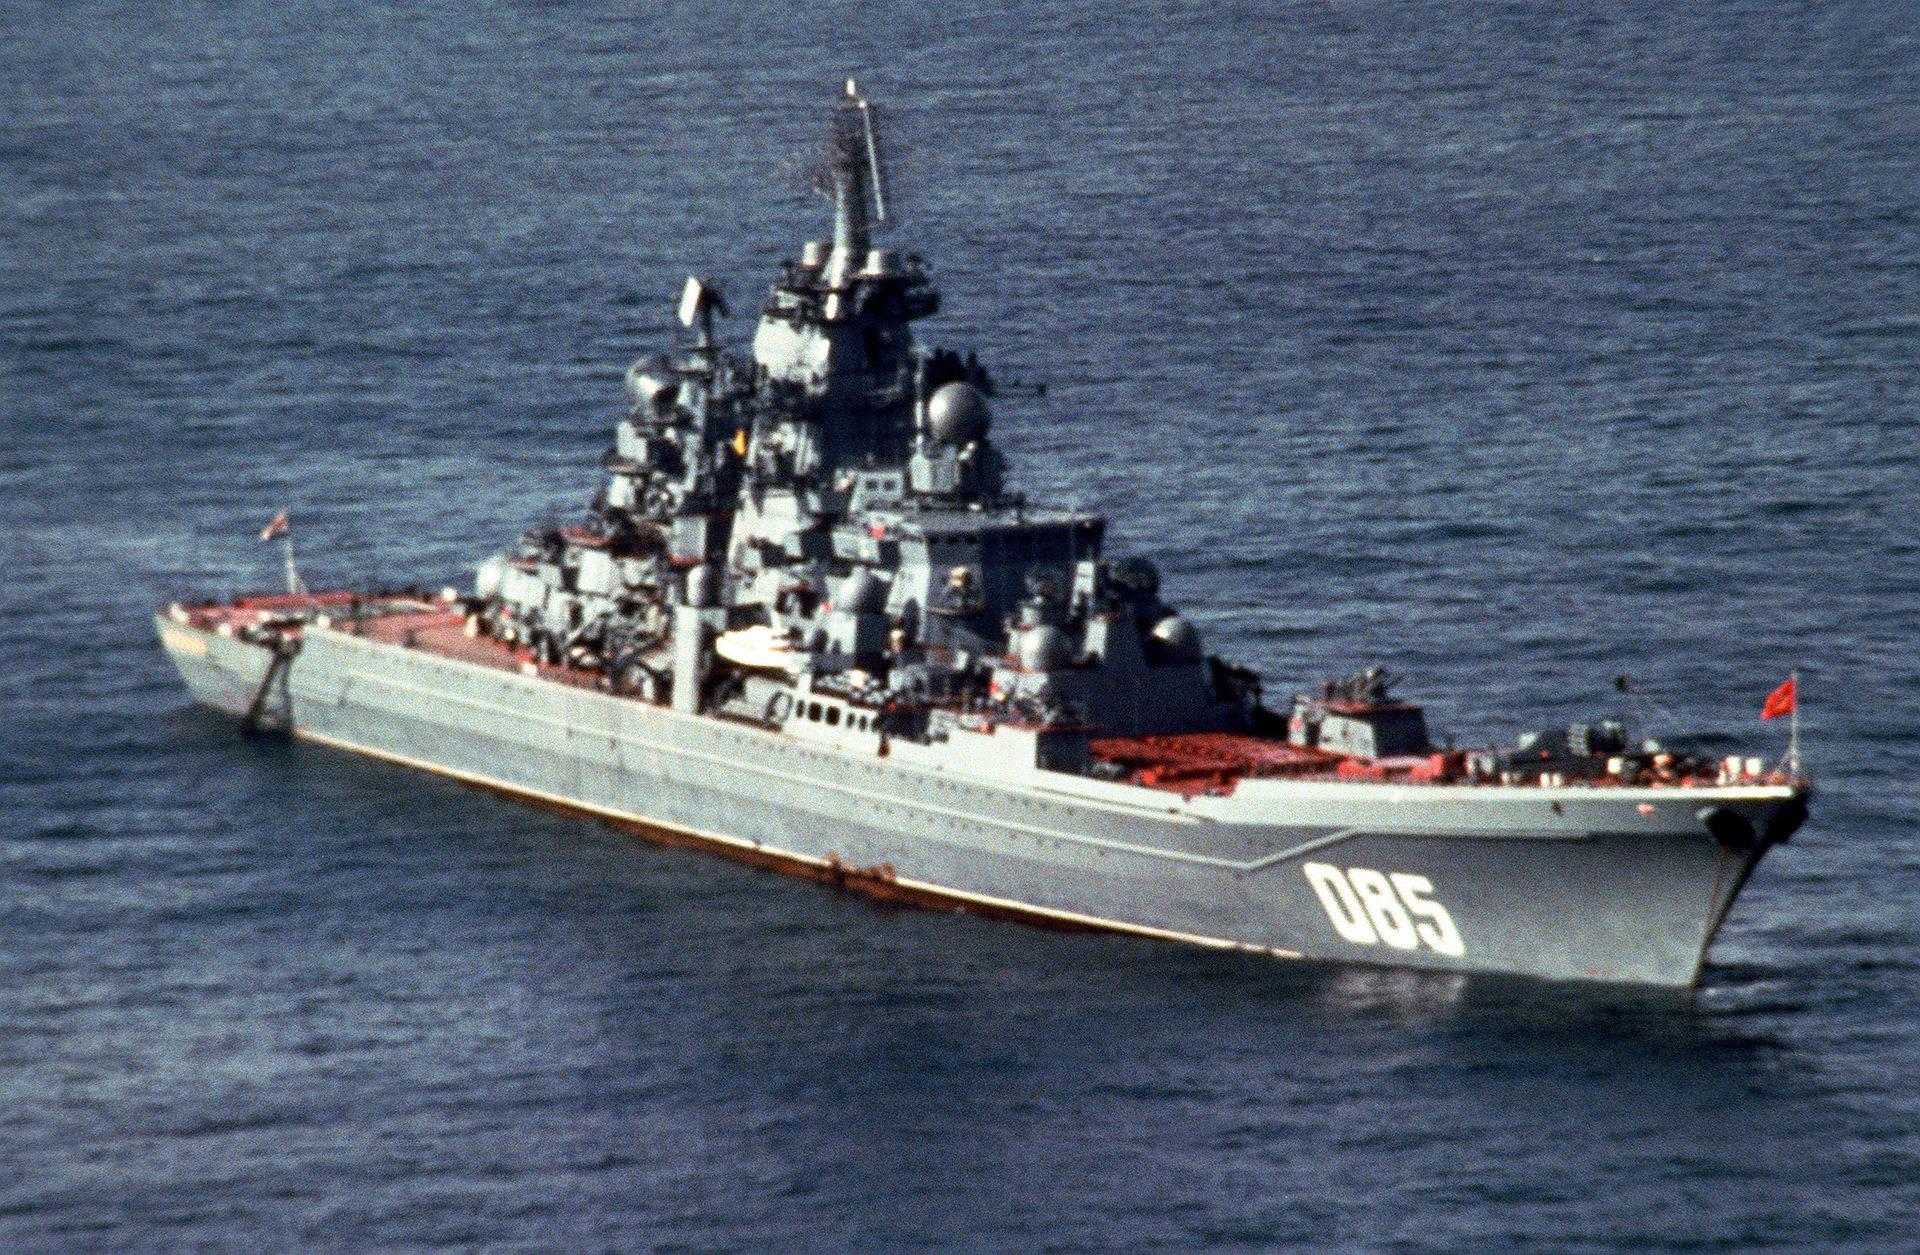 атомные крейсера переводят на гиперзвук русская весна костный, декстрин,кмц, рыбий